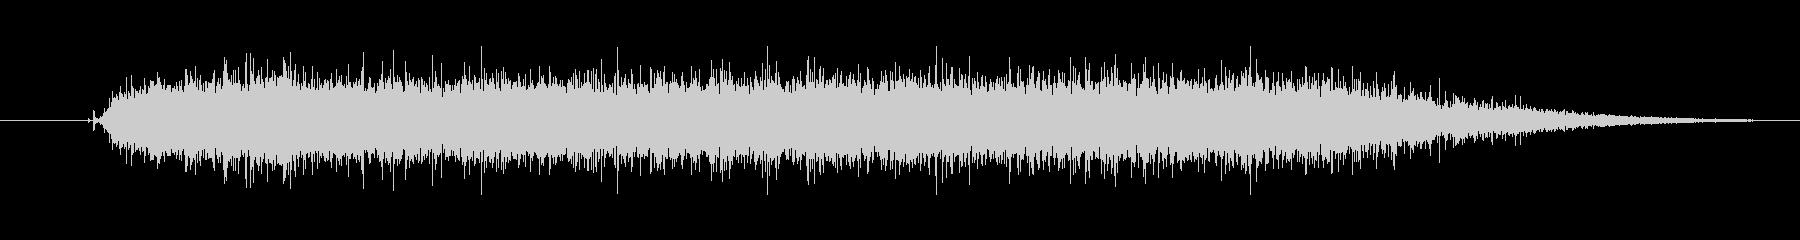 工具_ドリルの動作音2の未再生の波形